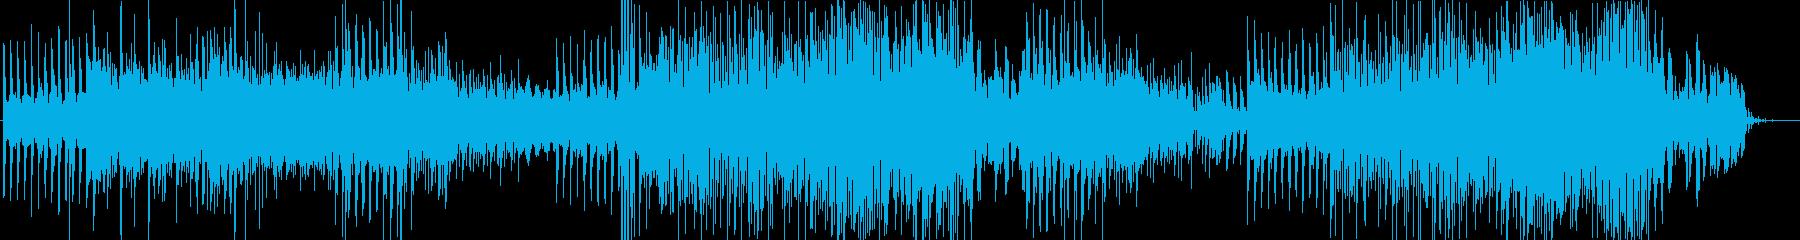 風変わりなエレクトロニカの再生済みの波形